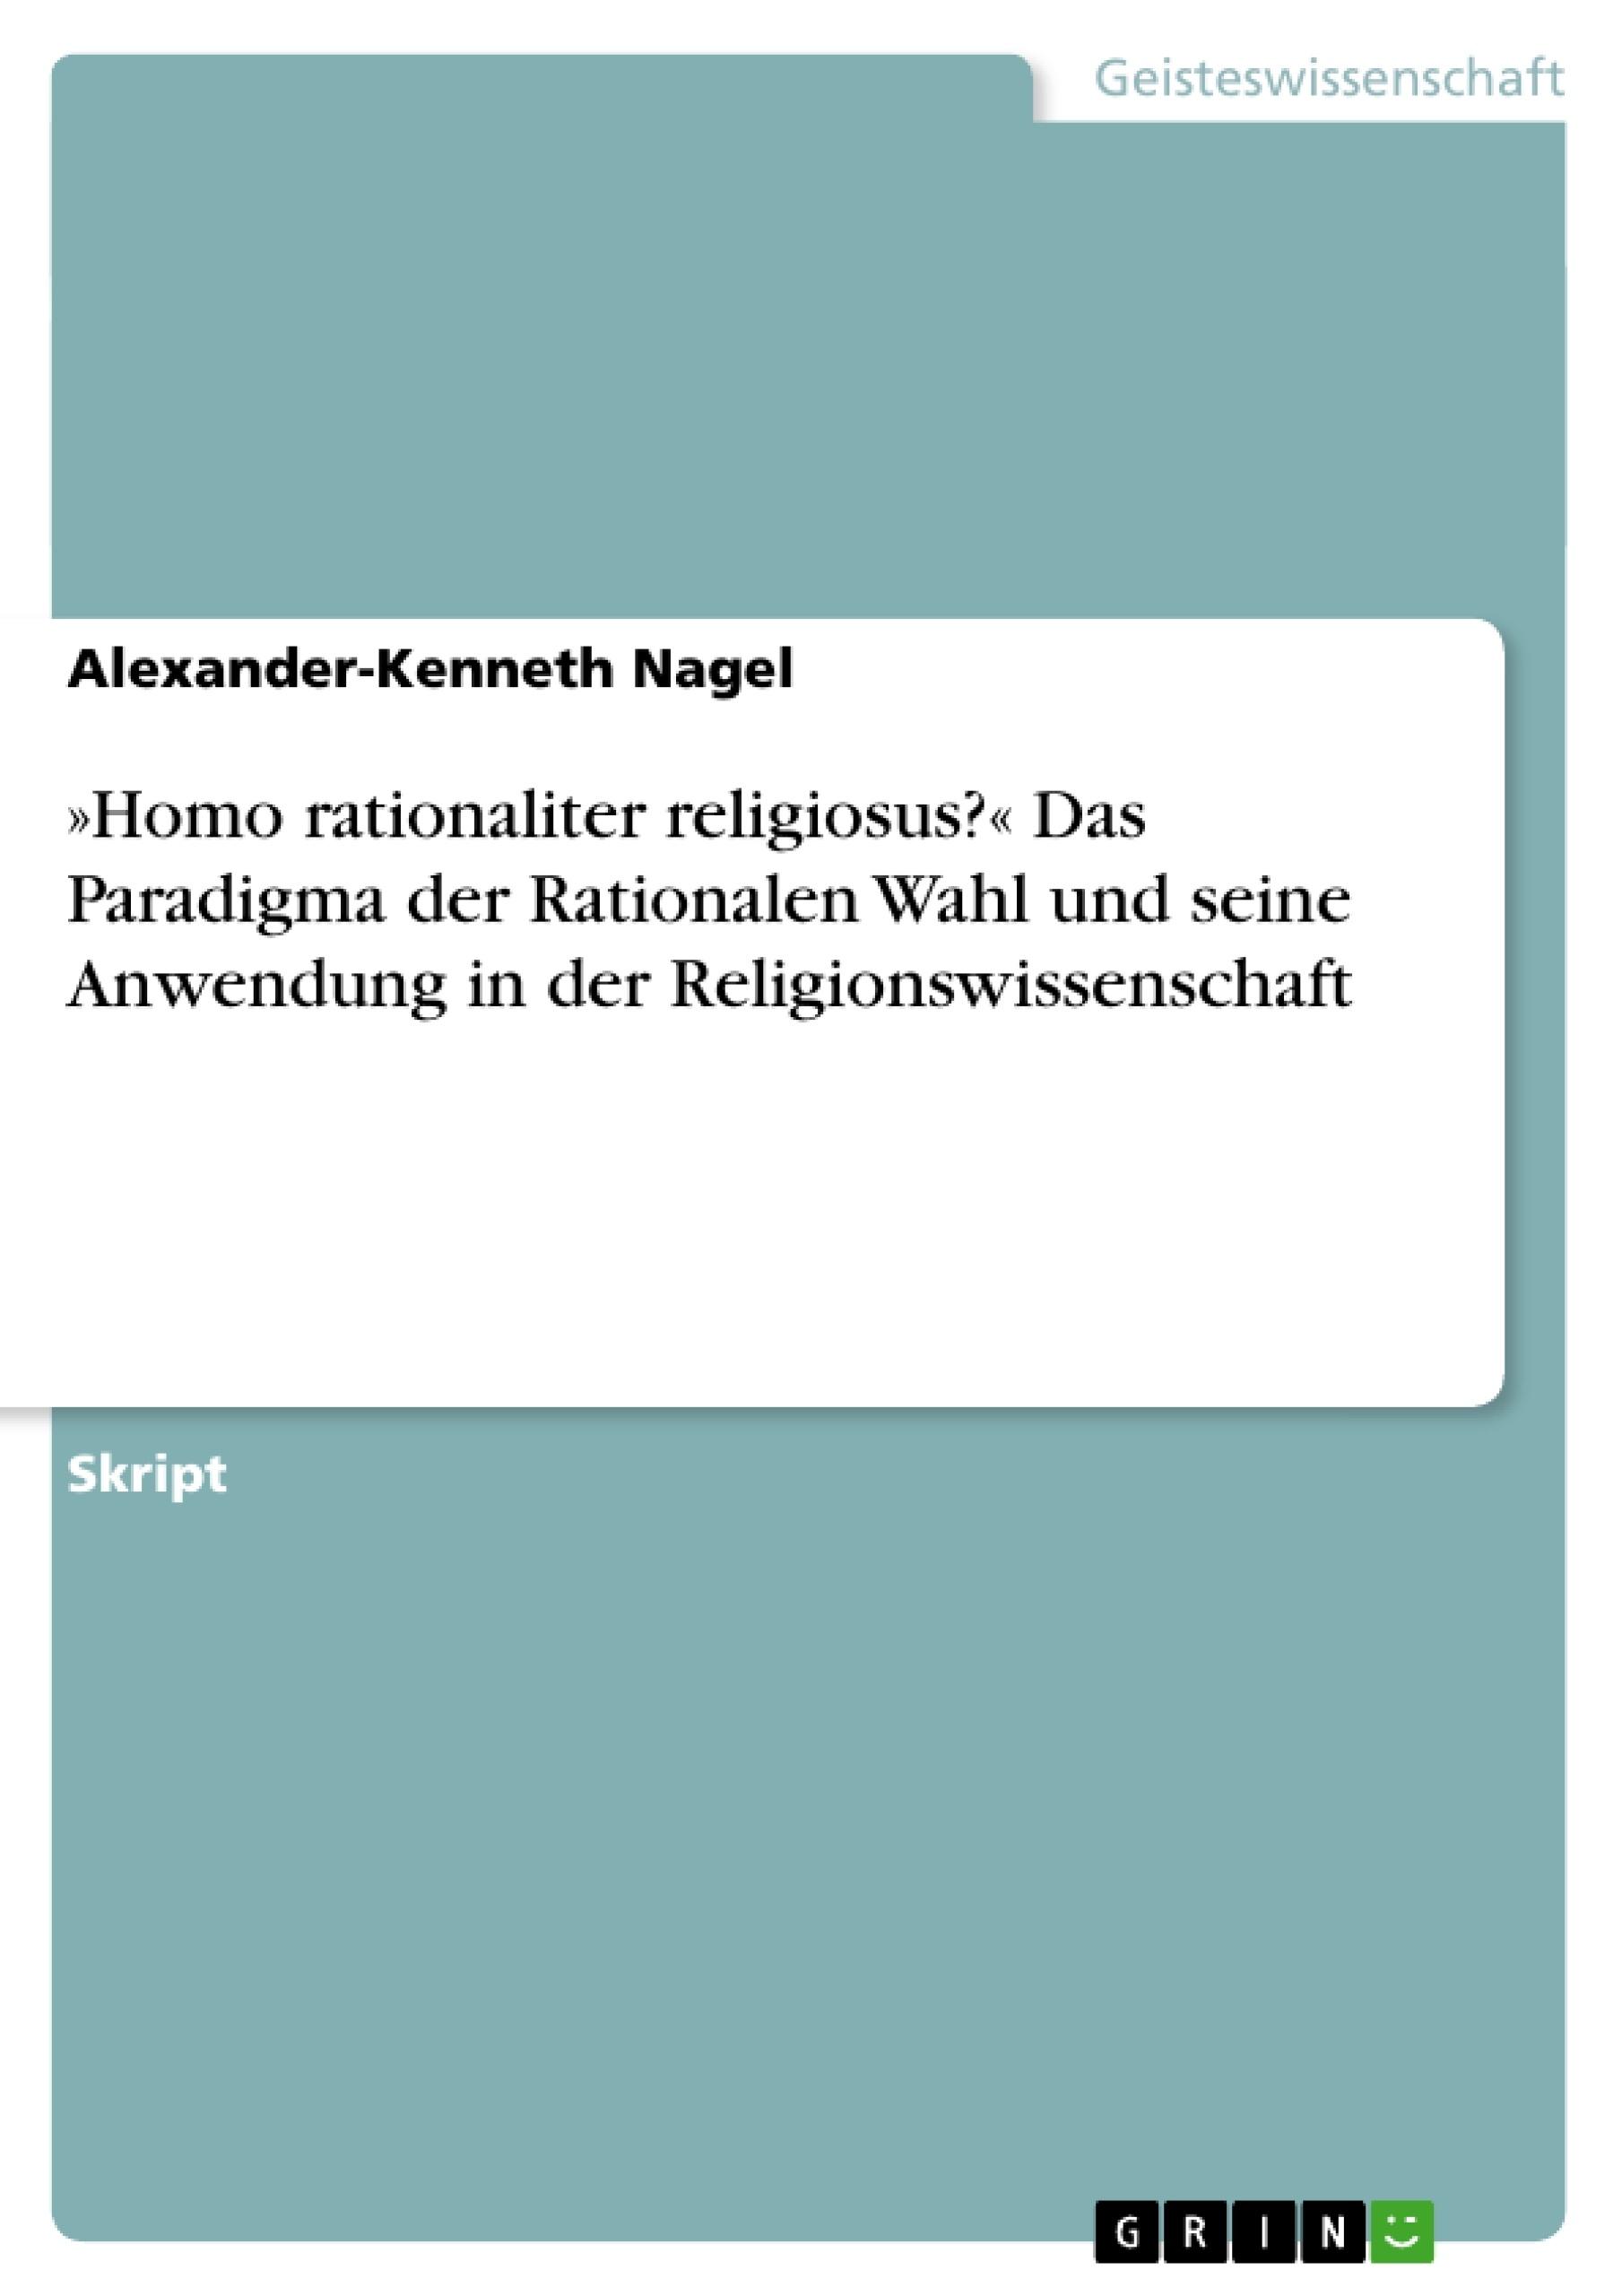 Titel: »Homo rationaliter religiosus?« Das Paradigma der Rationalen Wahl und seine Anwendung in der Religionswissenschaft